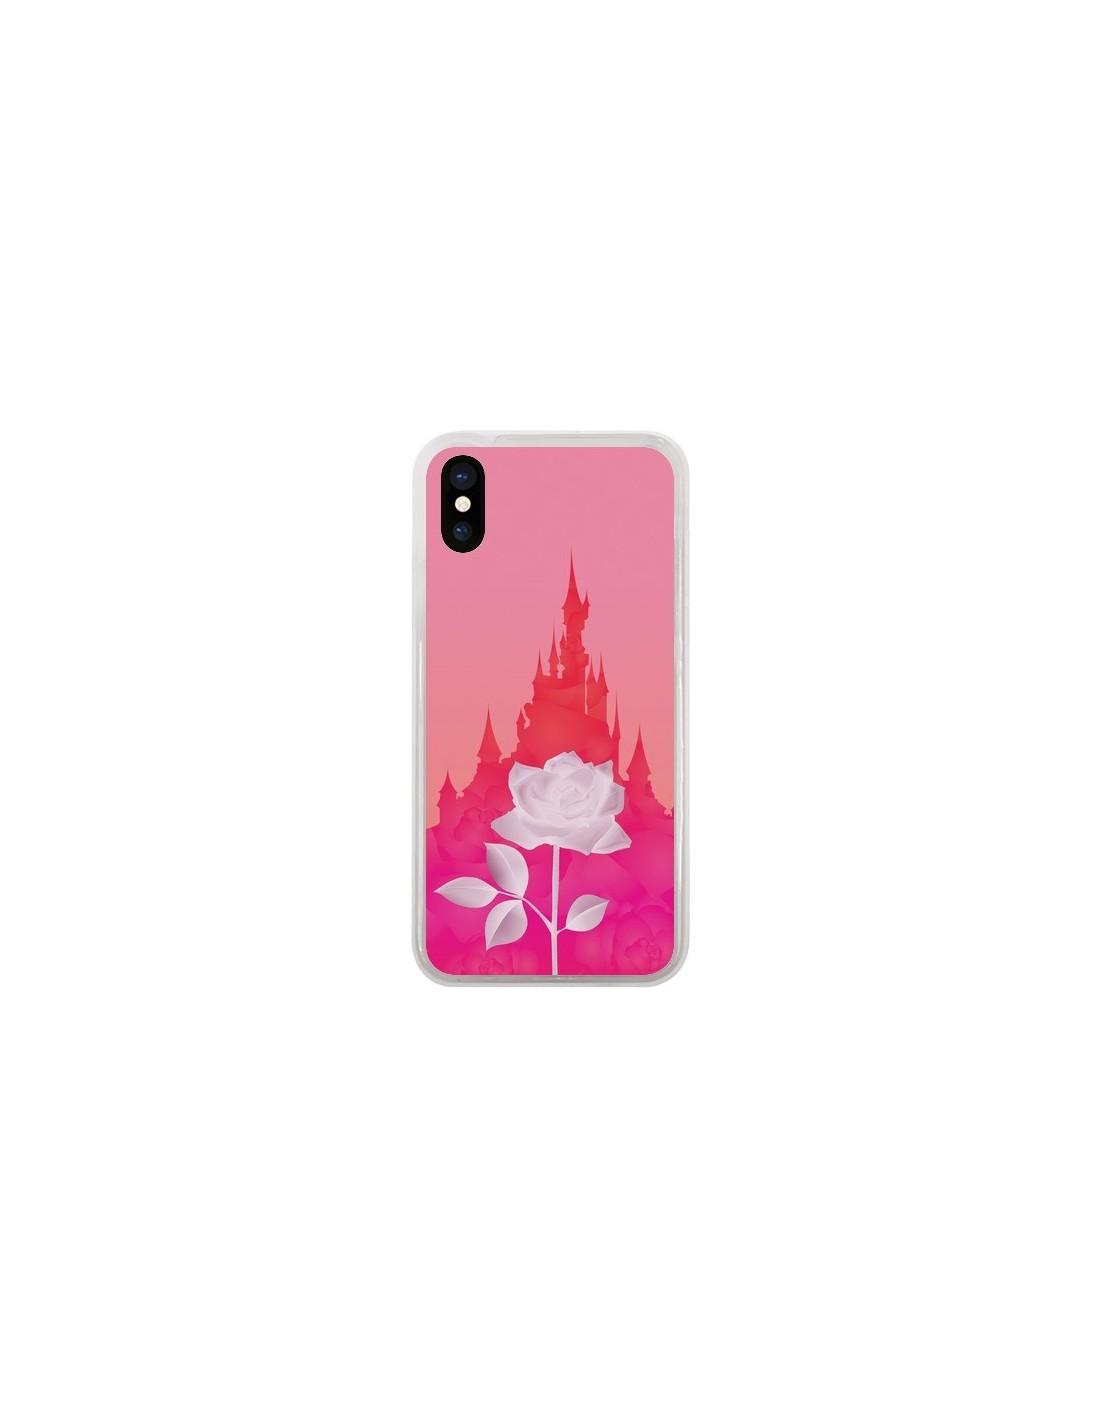 coque iphone x et xs chateau la belle et la bête rose enilec